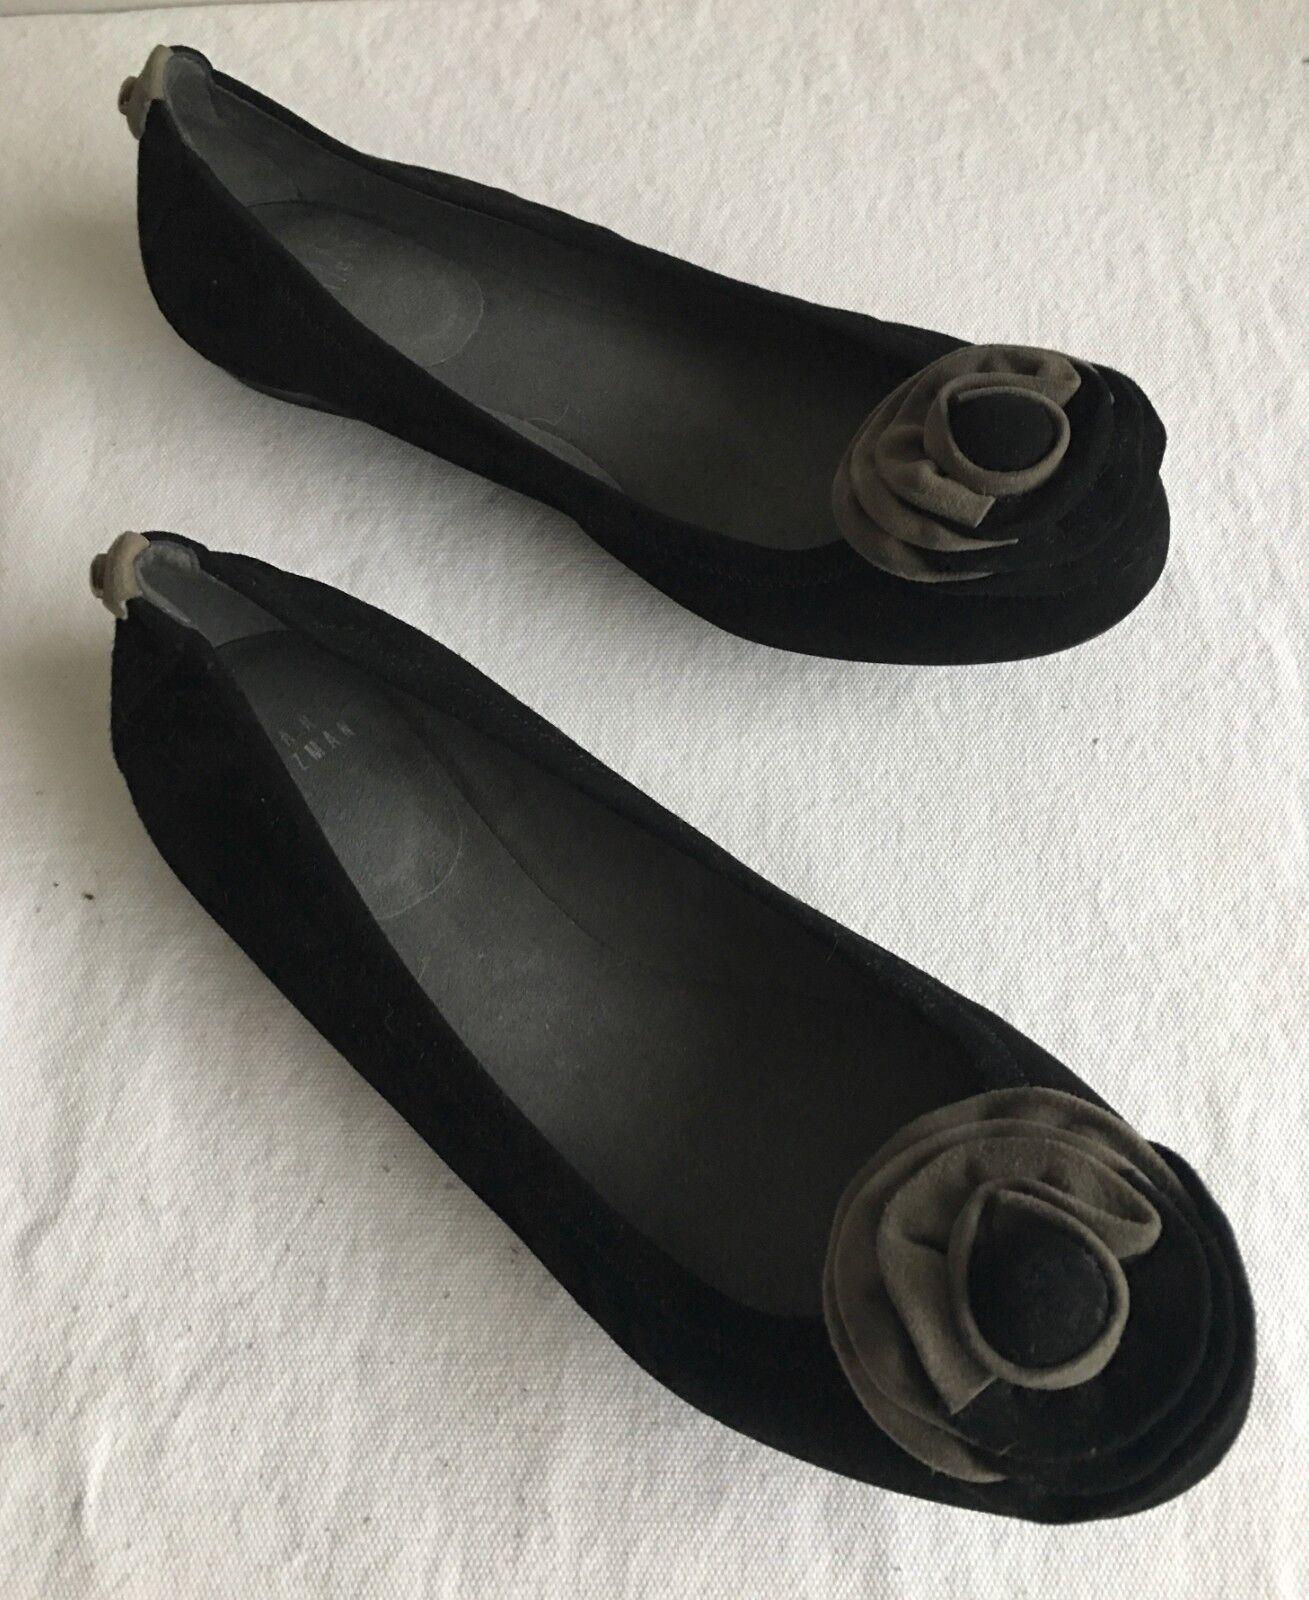 Stuart Weitzman Terciopelo Terciopelo Terciopelo Negro + Suede Flats Talla 7 M  punto de venta barato